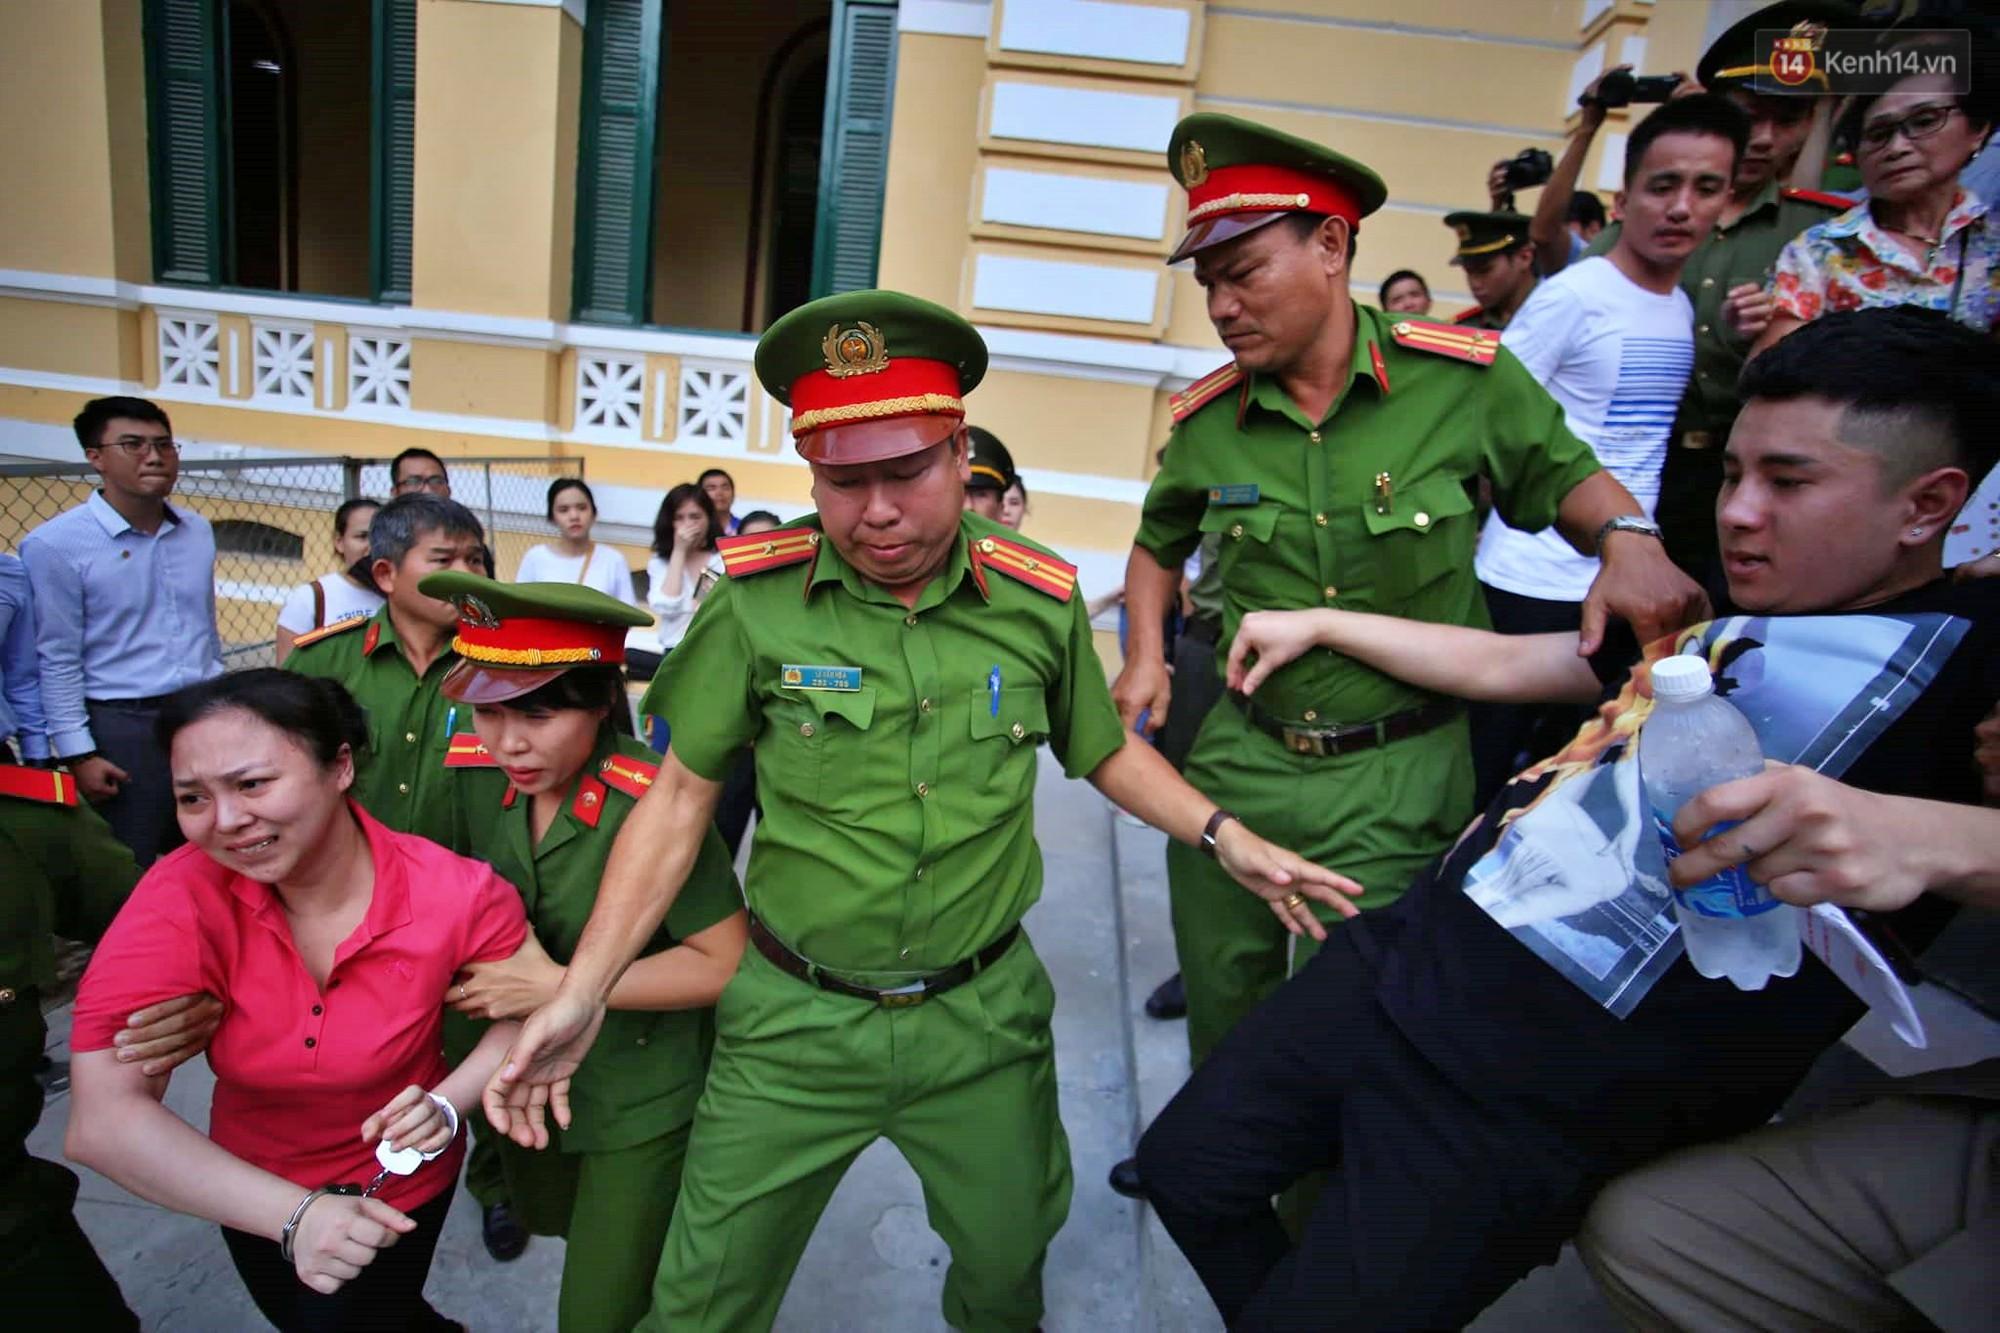 Ảnh, clip: Người thân nước mắt ngắn dài chạy theo dặn dò, níu kéo khi Văn Kính Dương, Ngọc Miu và đồng bọn rời tòa - Ảnh 7.